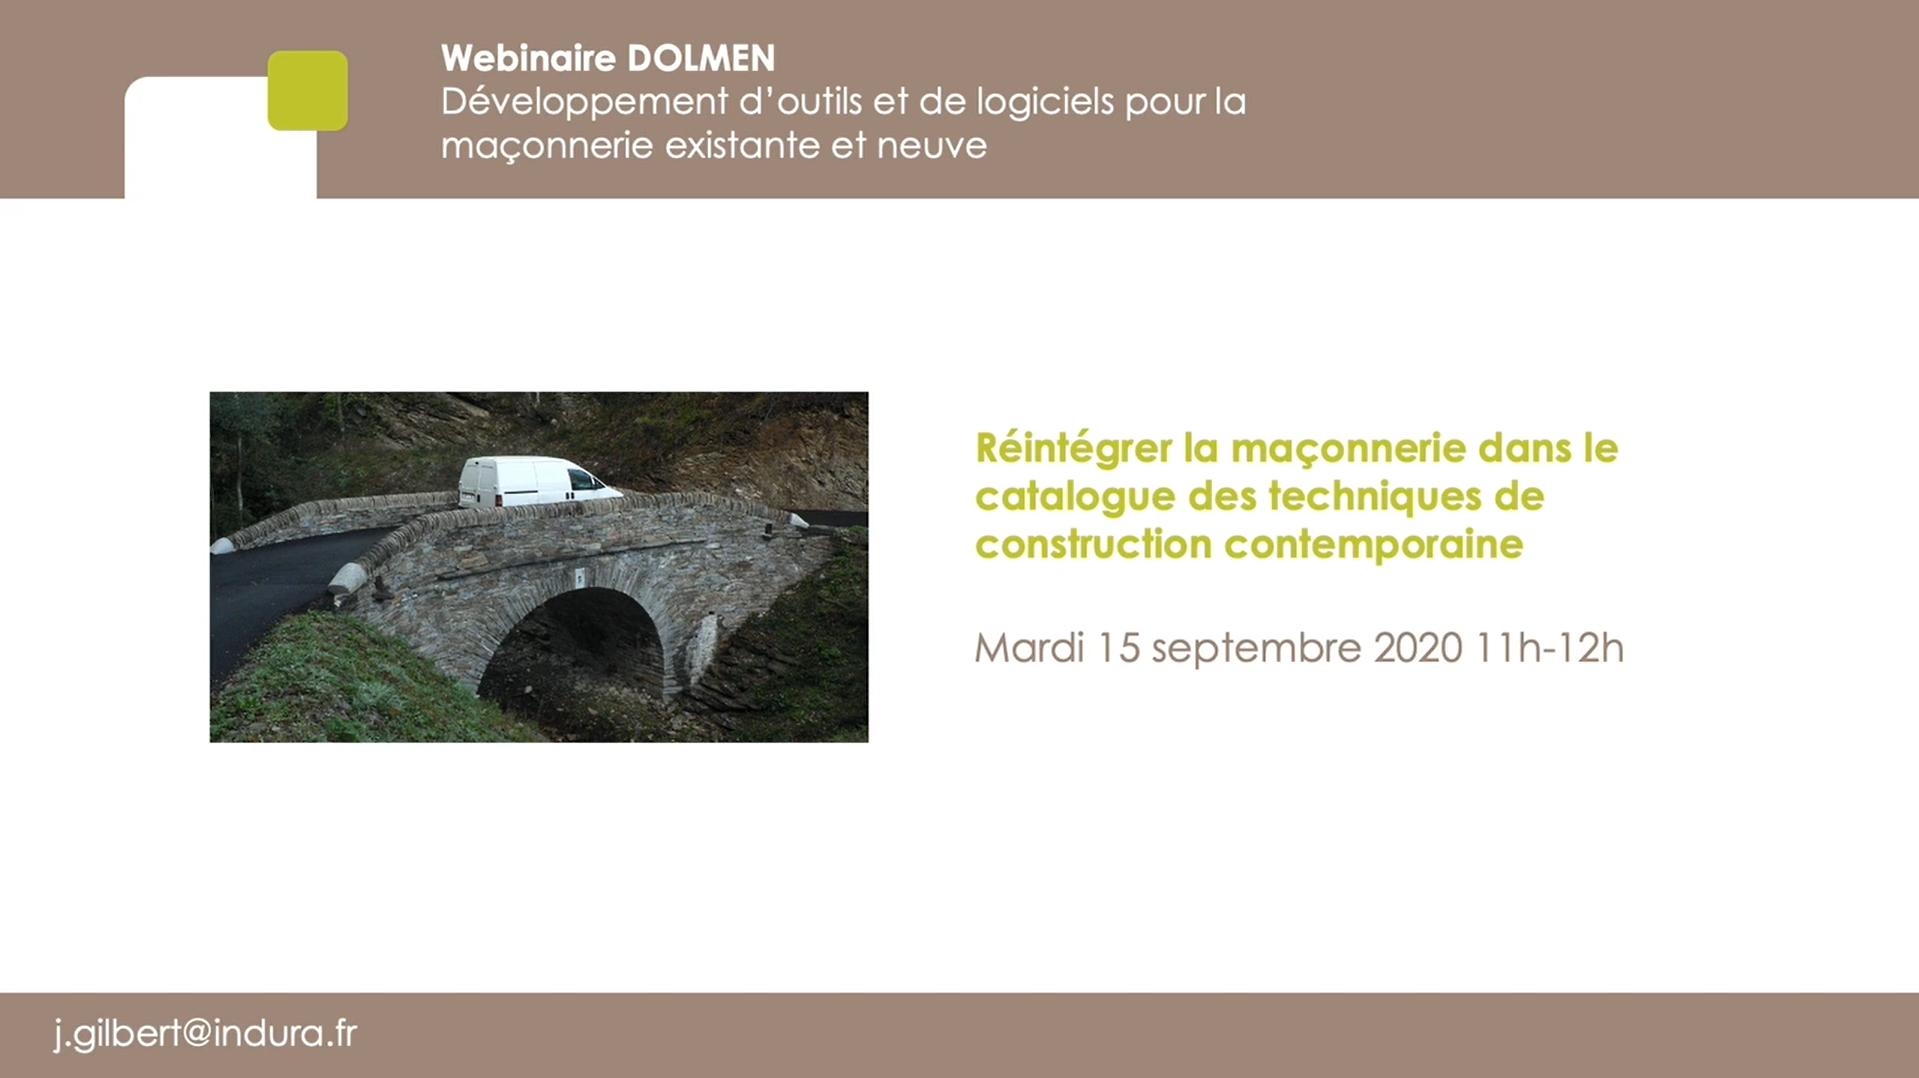 [Webinar] Projet DOLMEN : réintégrer la maçonnerie dans le catalogue des techniques de construction